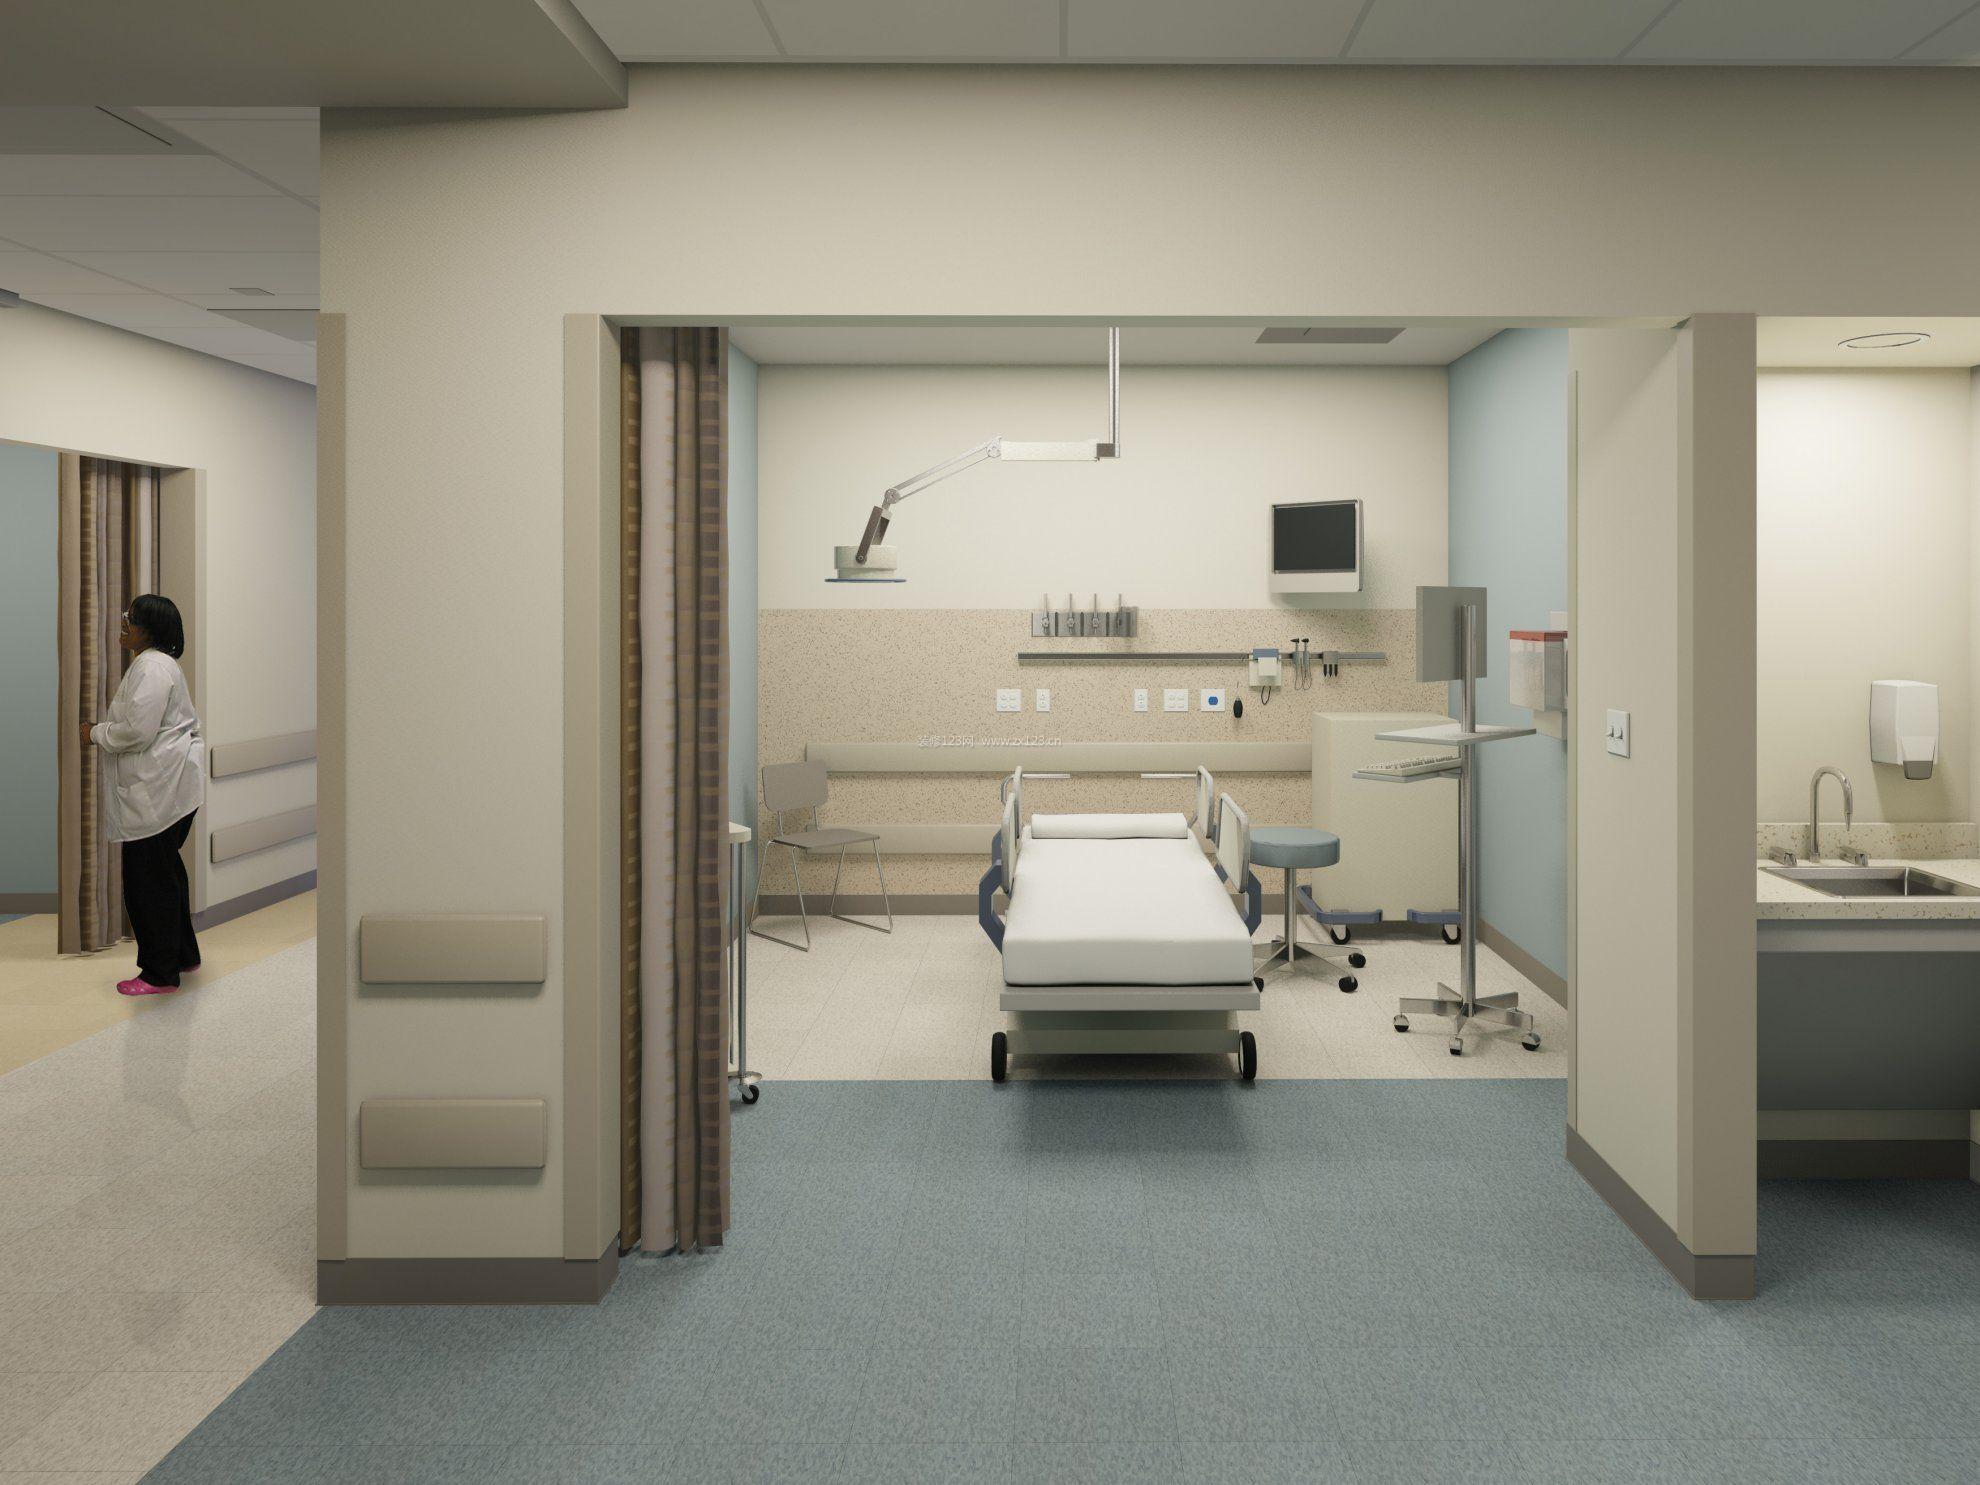 醫院手術室裝修設計效果圖欣賞圖片